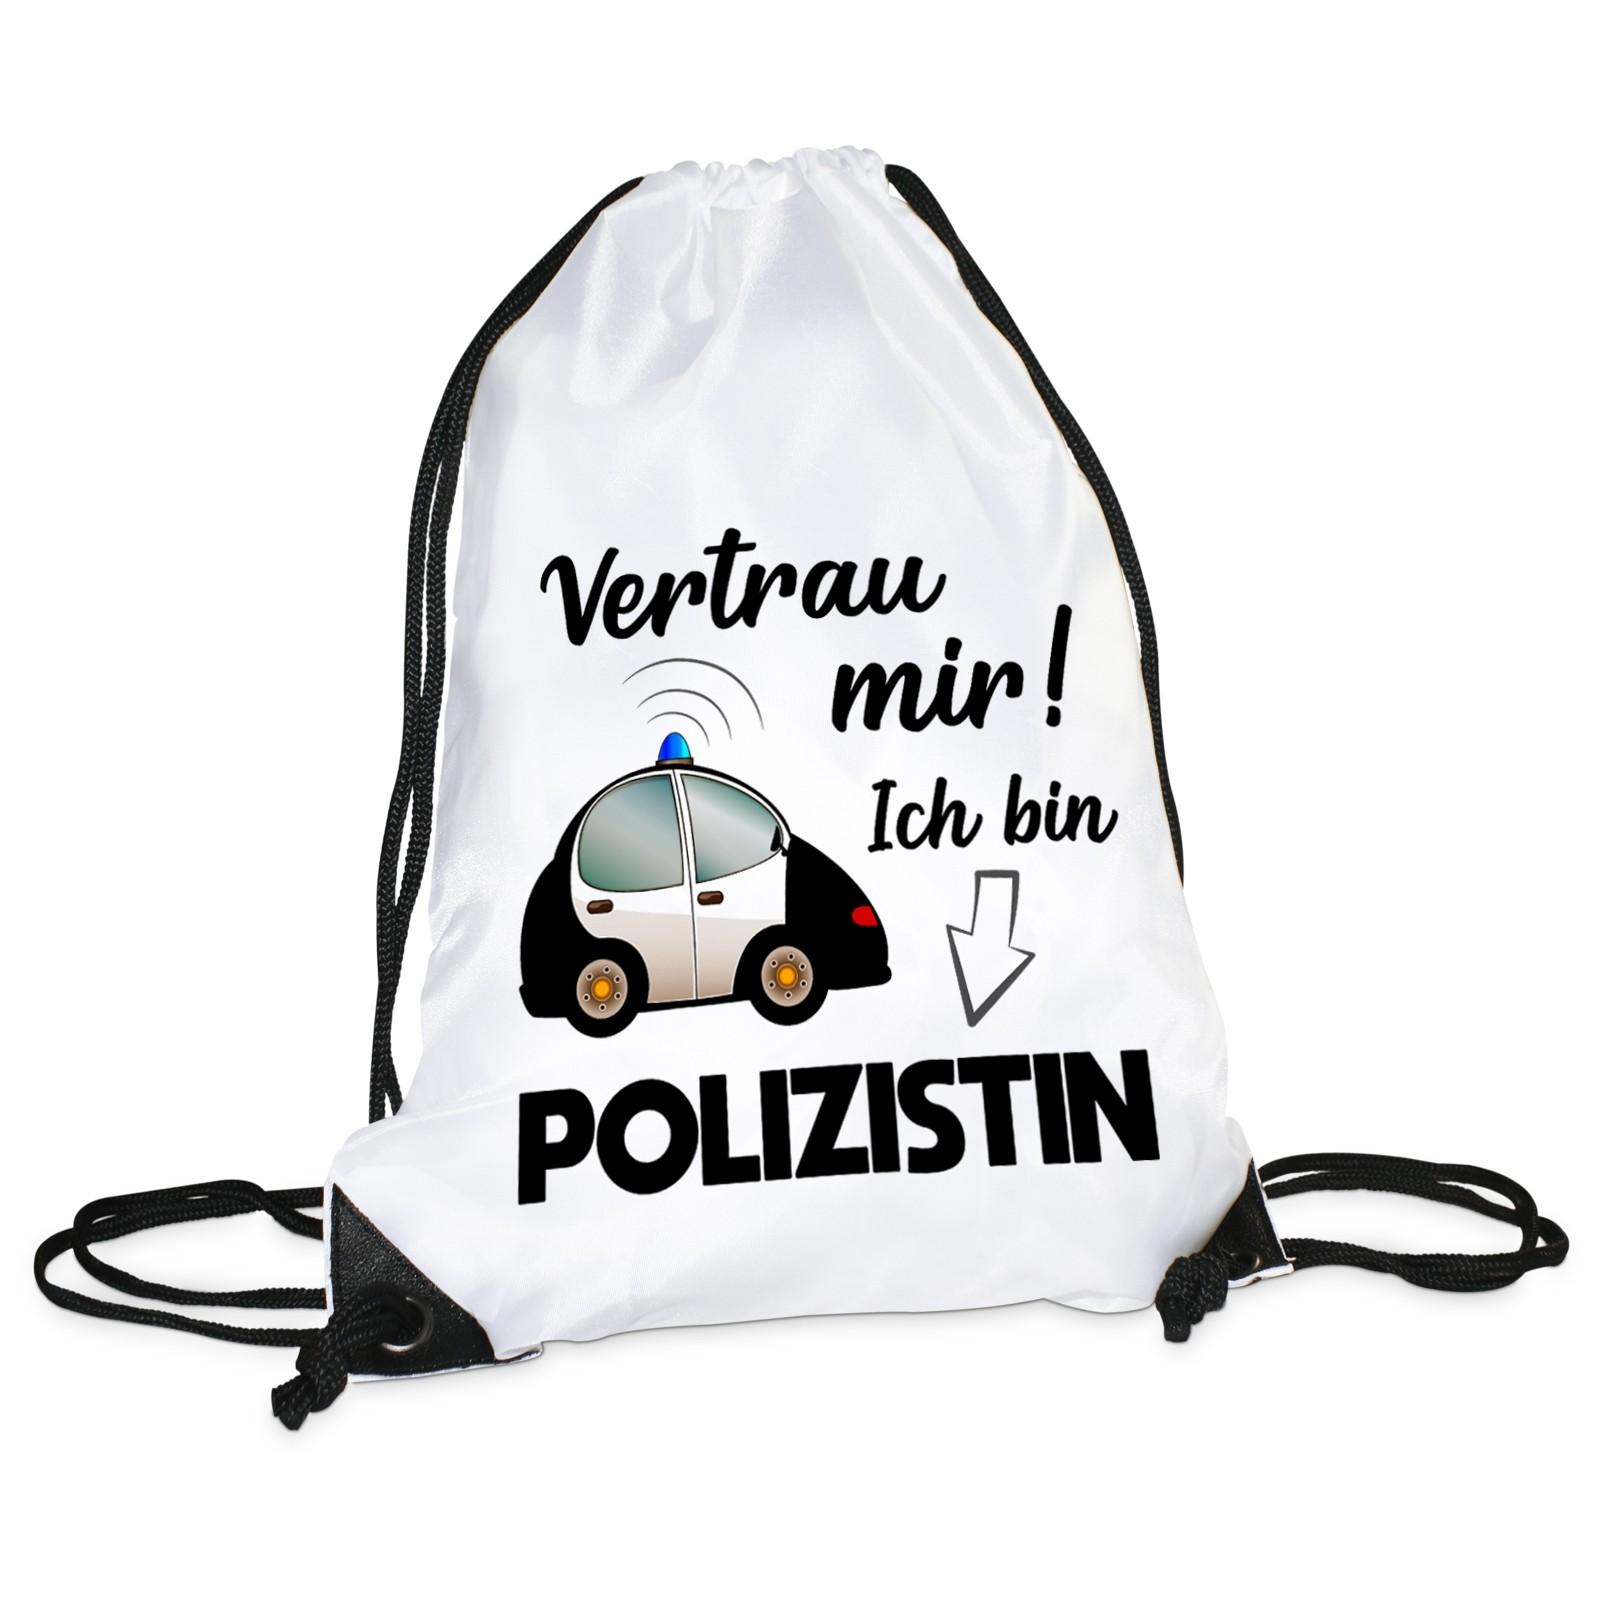 Turnbeutel: Vertrau mir, ich bin Polizistin